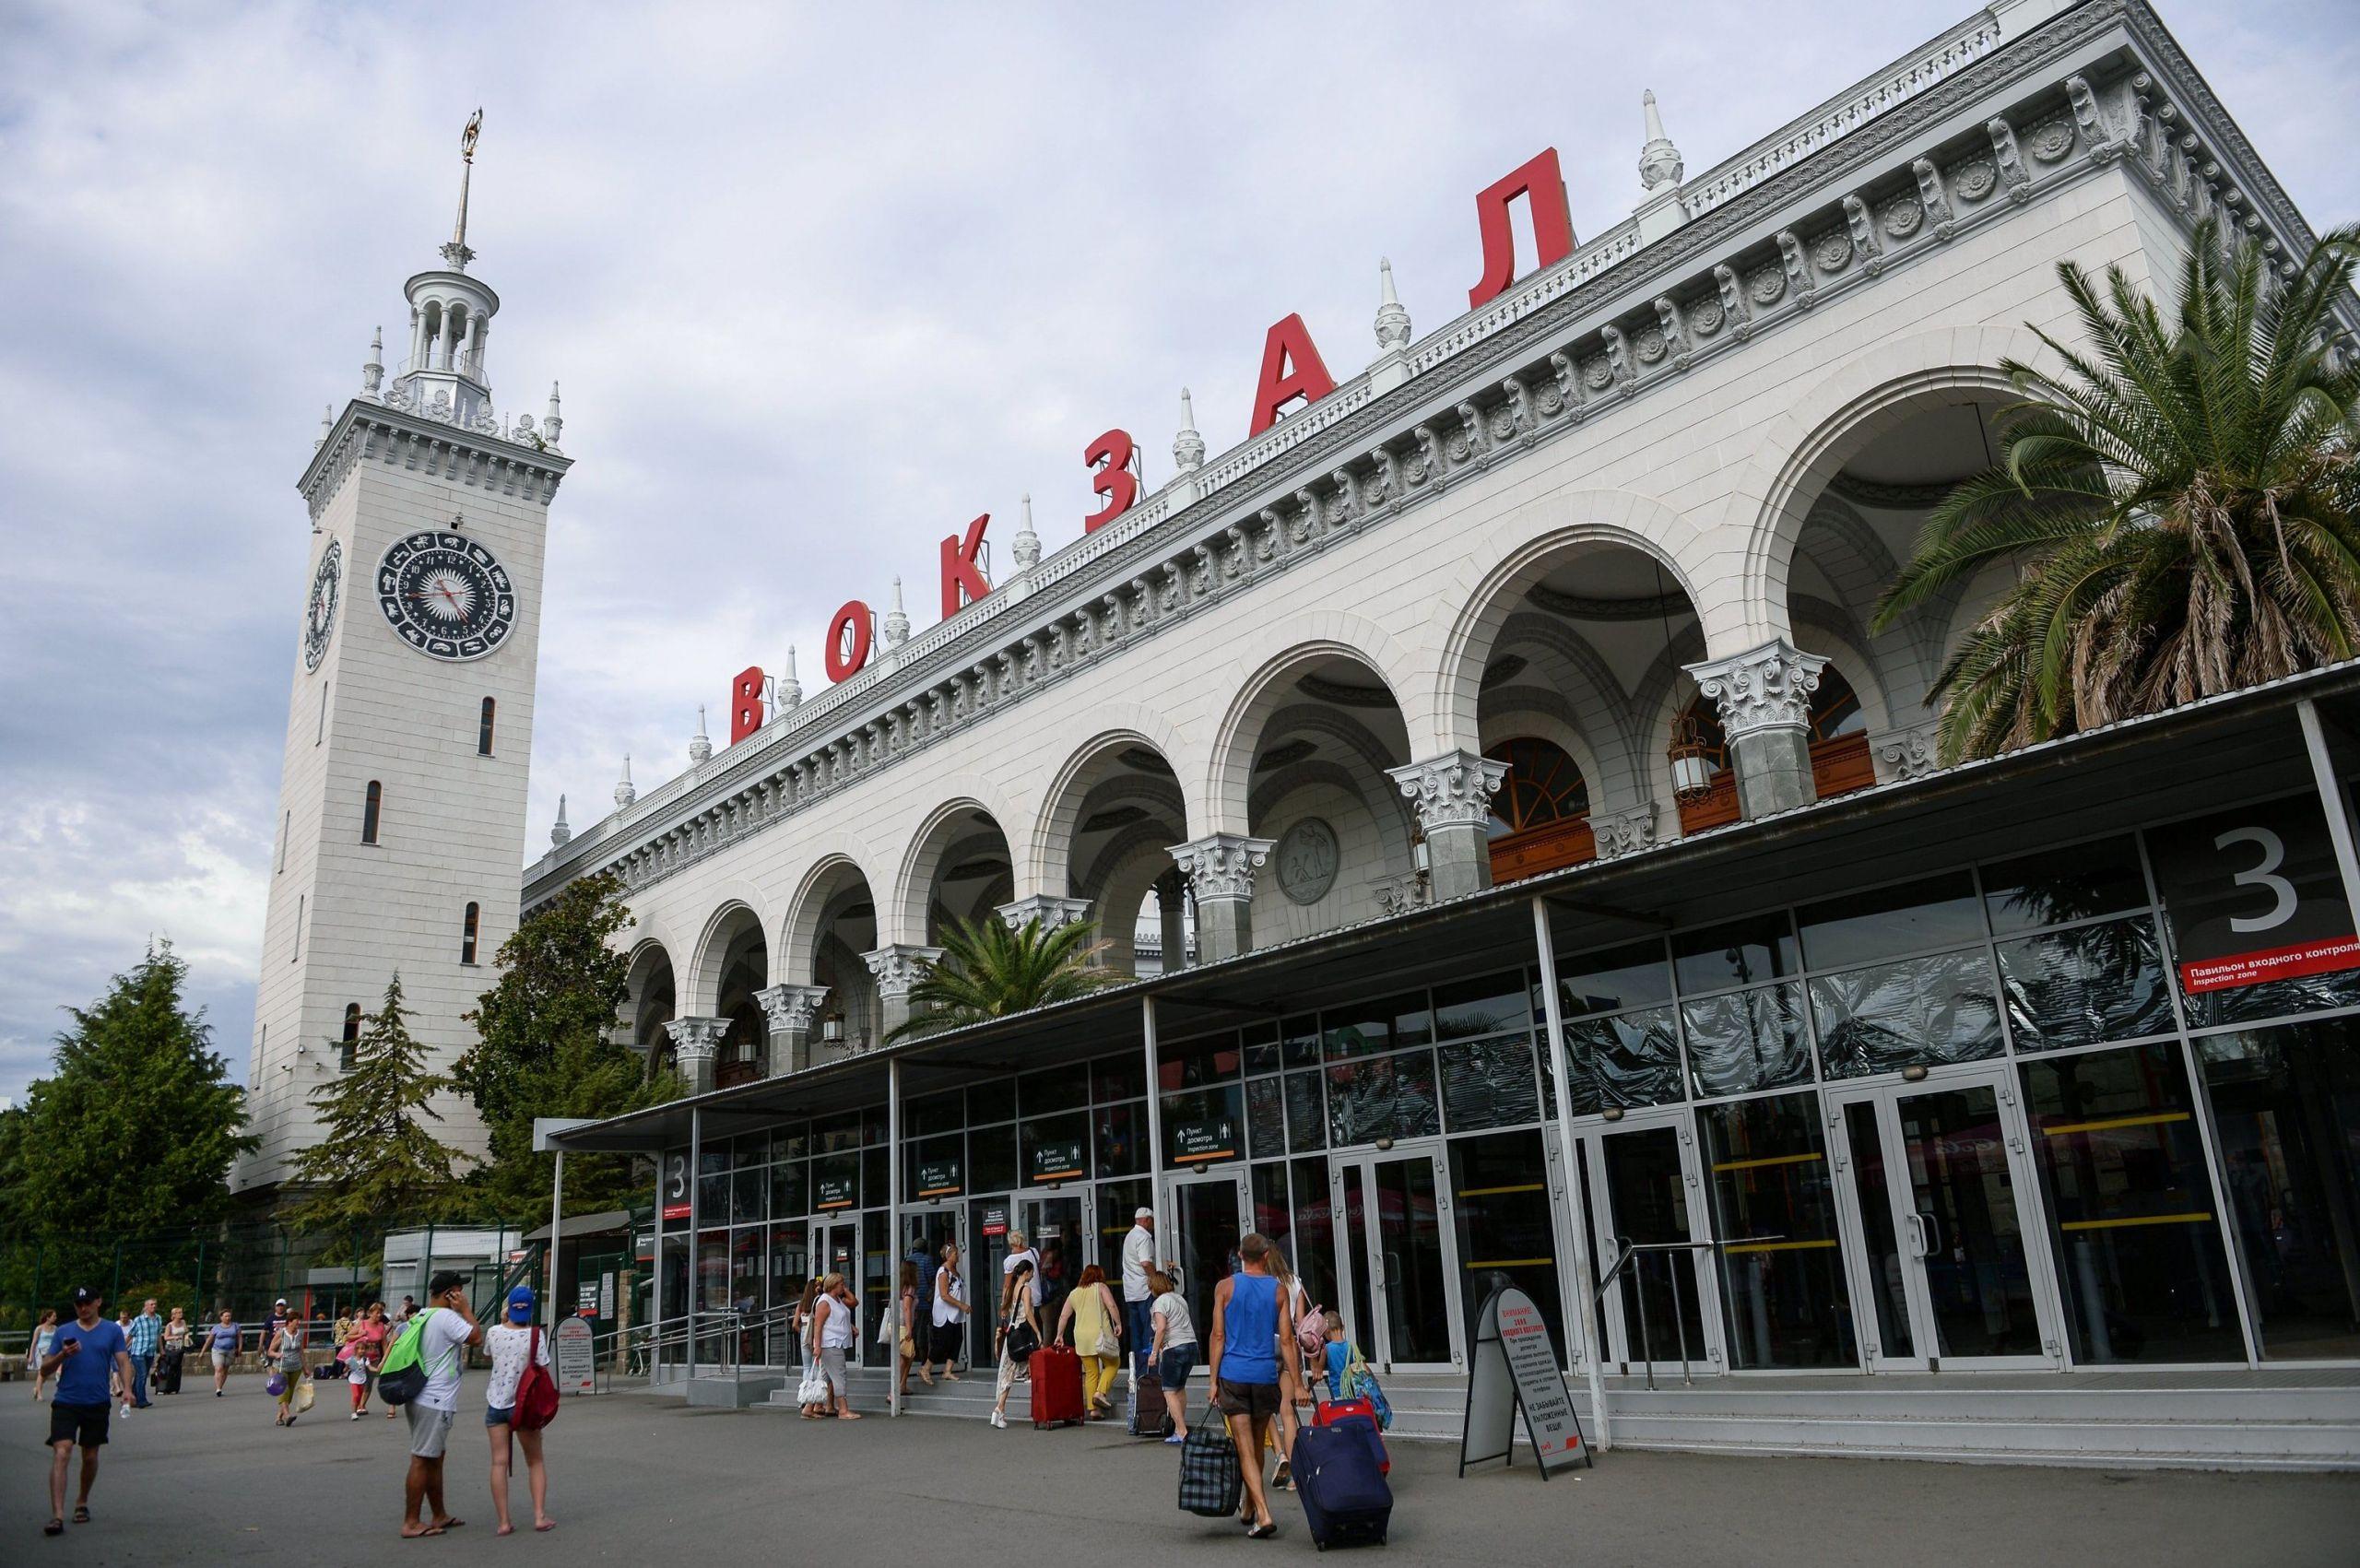 В Сочи начался демонтаж досмотровых павильонов у железнодорожного вокзала: на их месте будет парковка